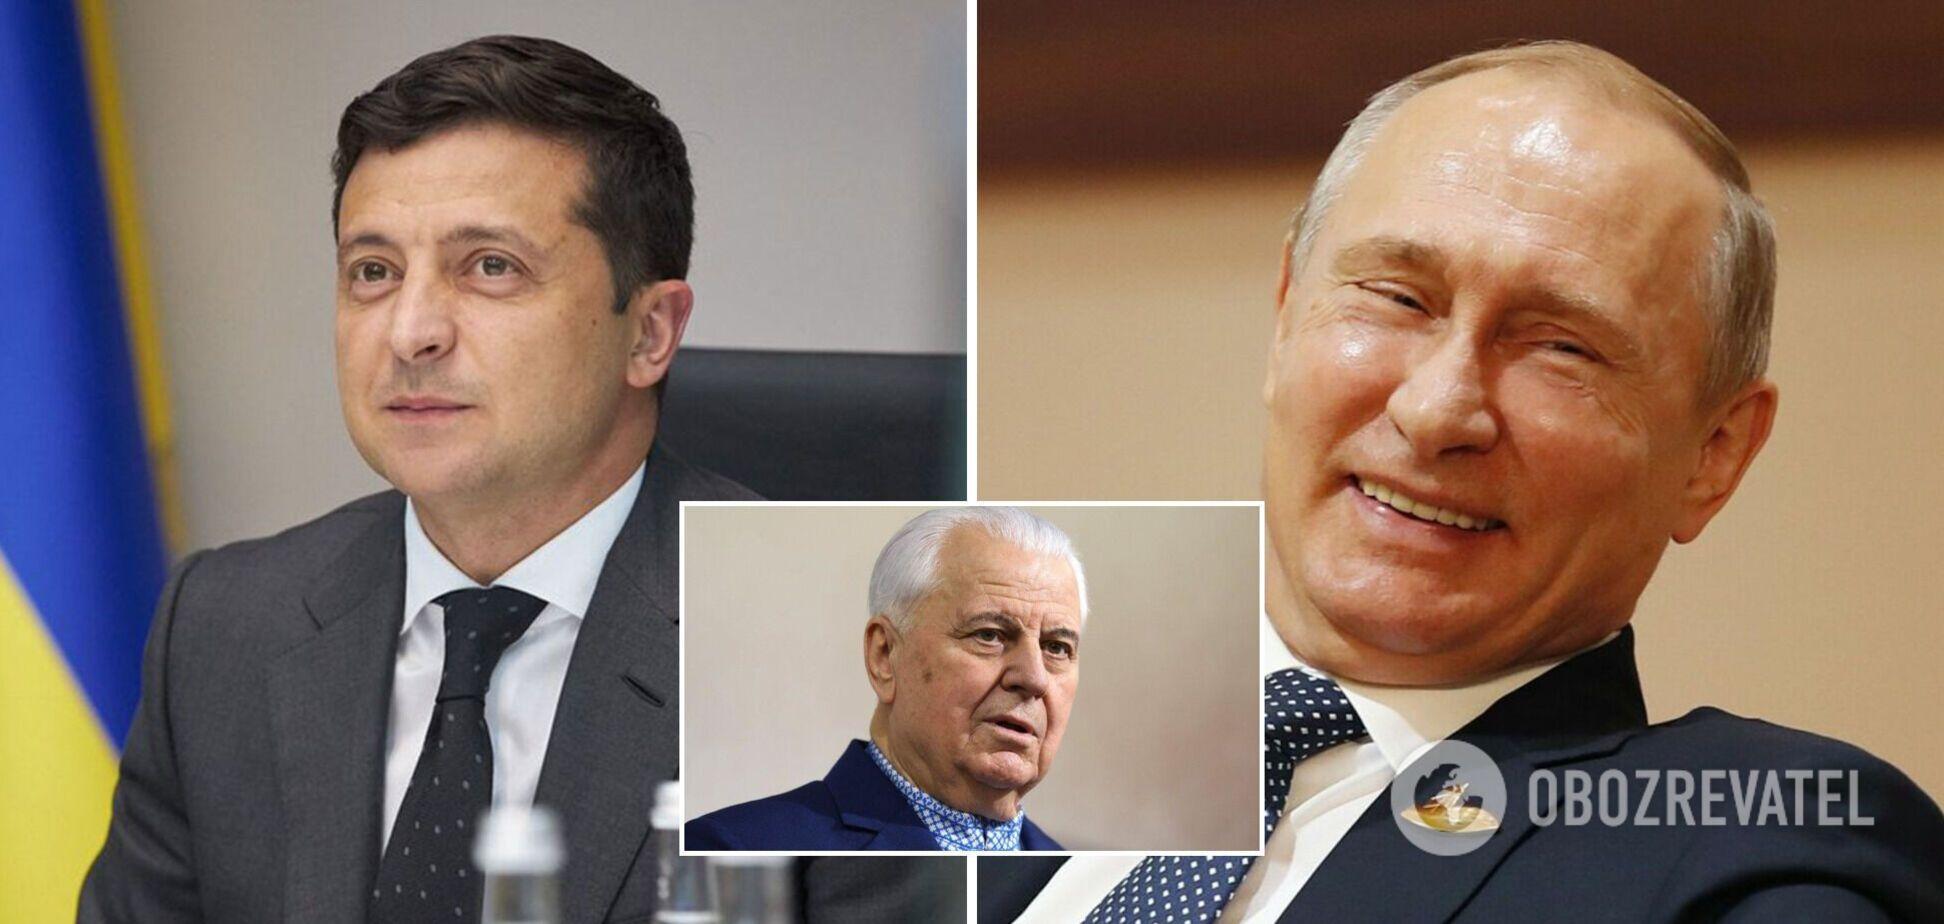 'Зеленському нянька не потрібна': Кравчук підтримав зустріч президента з Путіним 'віч-на-віч'